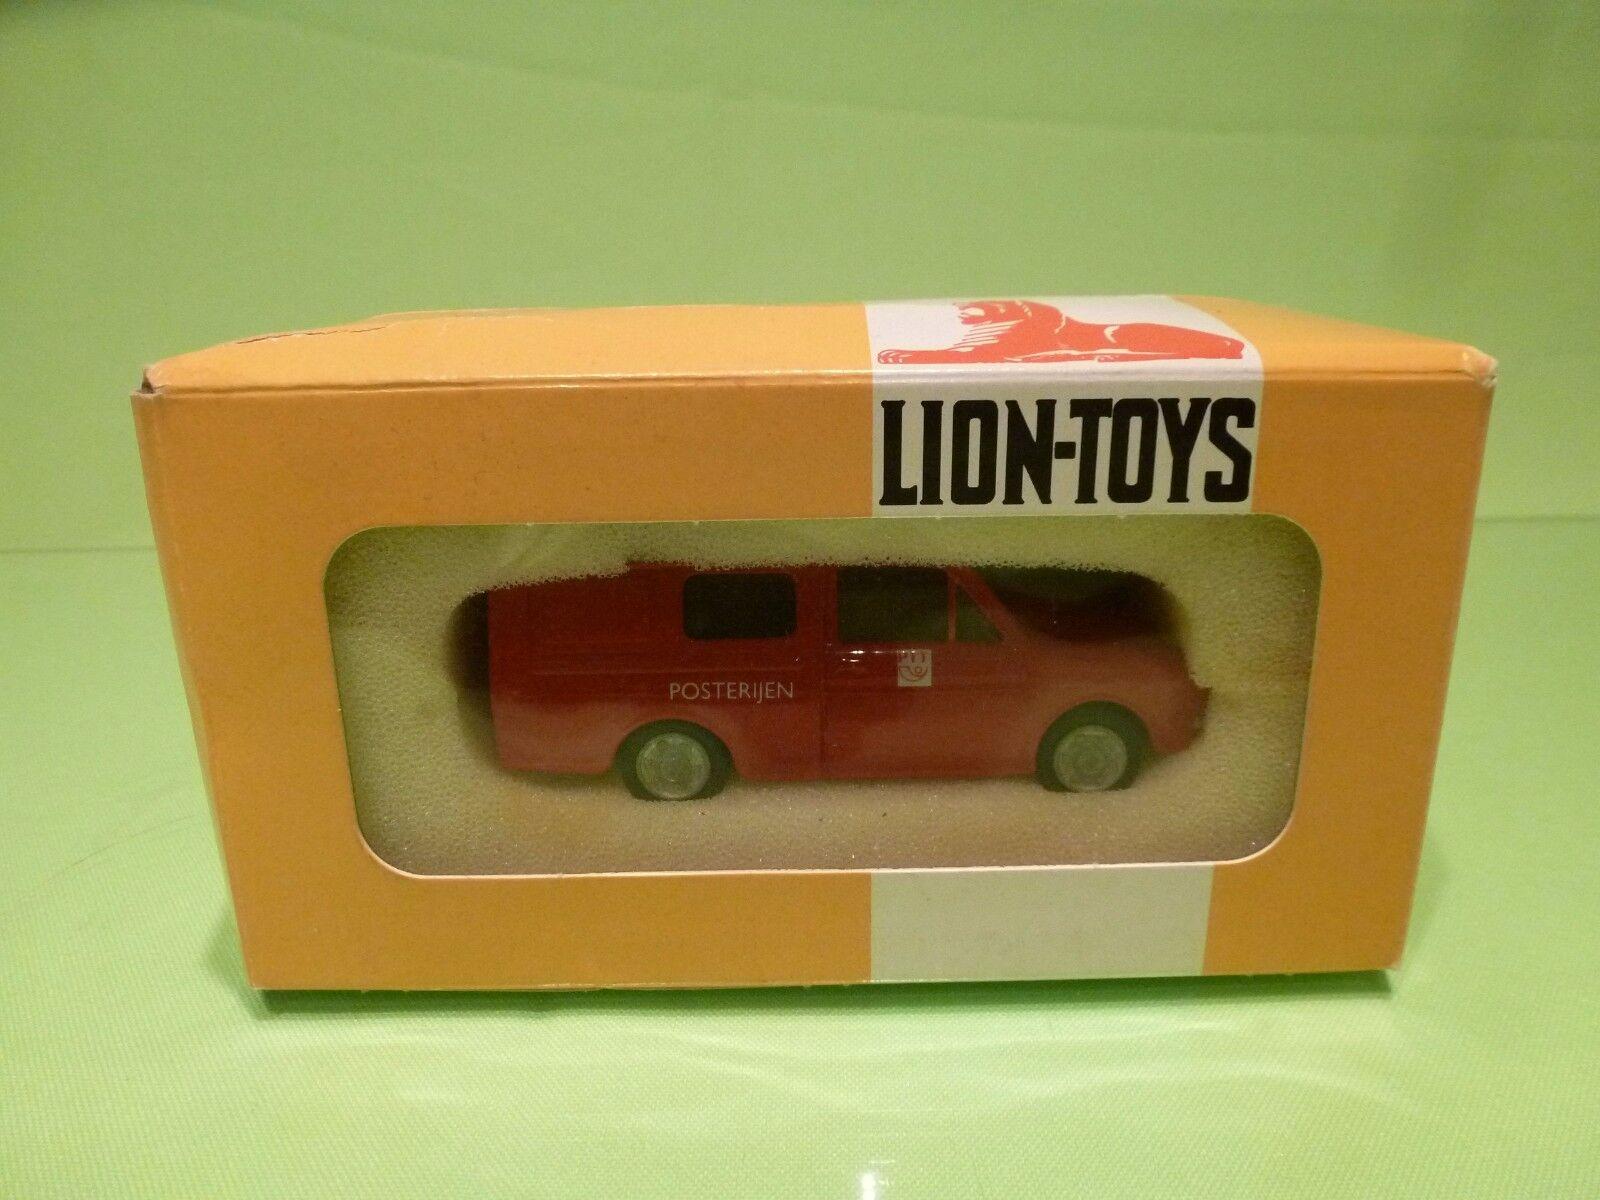 LION CAR DAF 33 COMBI VARIOMATIC - NA 2000 - PTT POSTERIJEN - EXCELLENT IN BOX